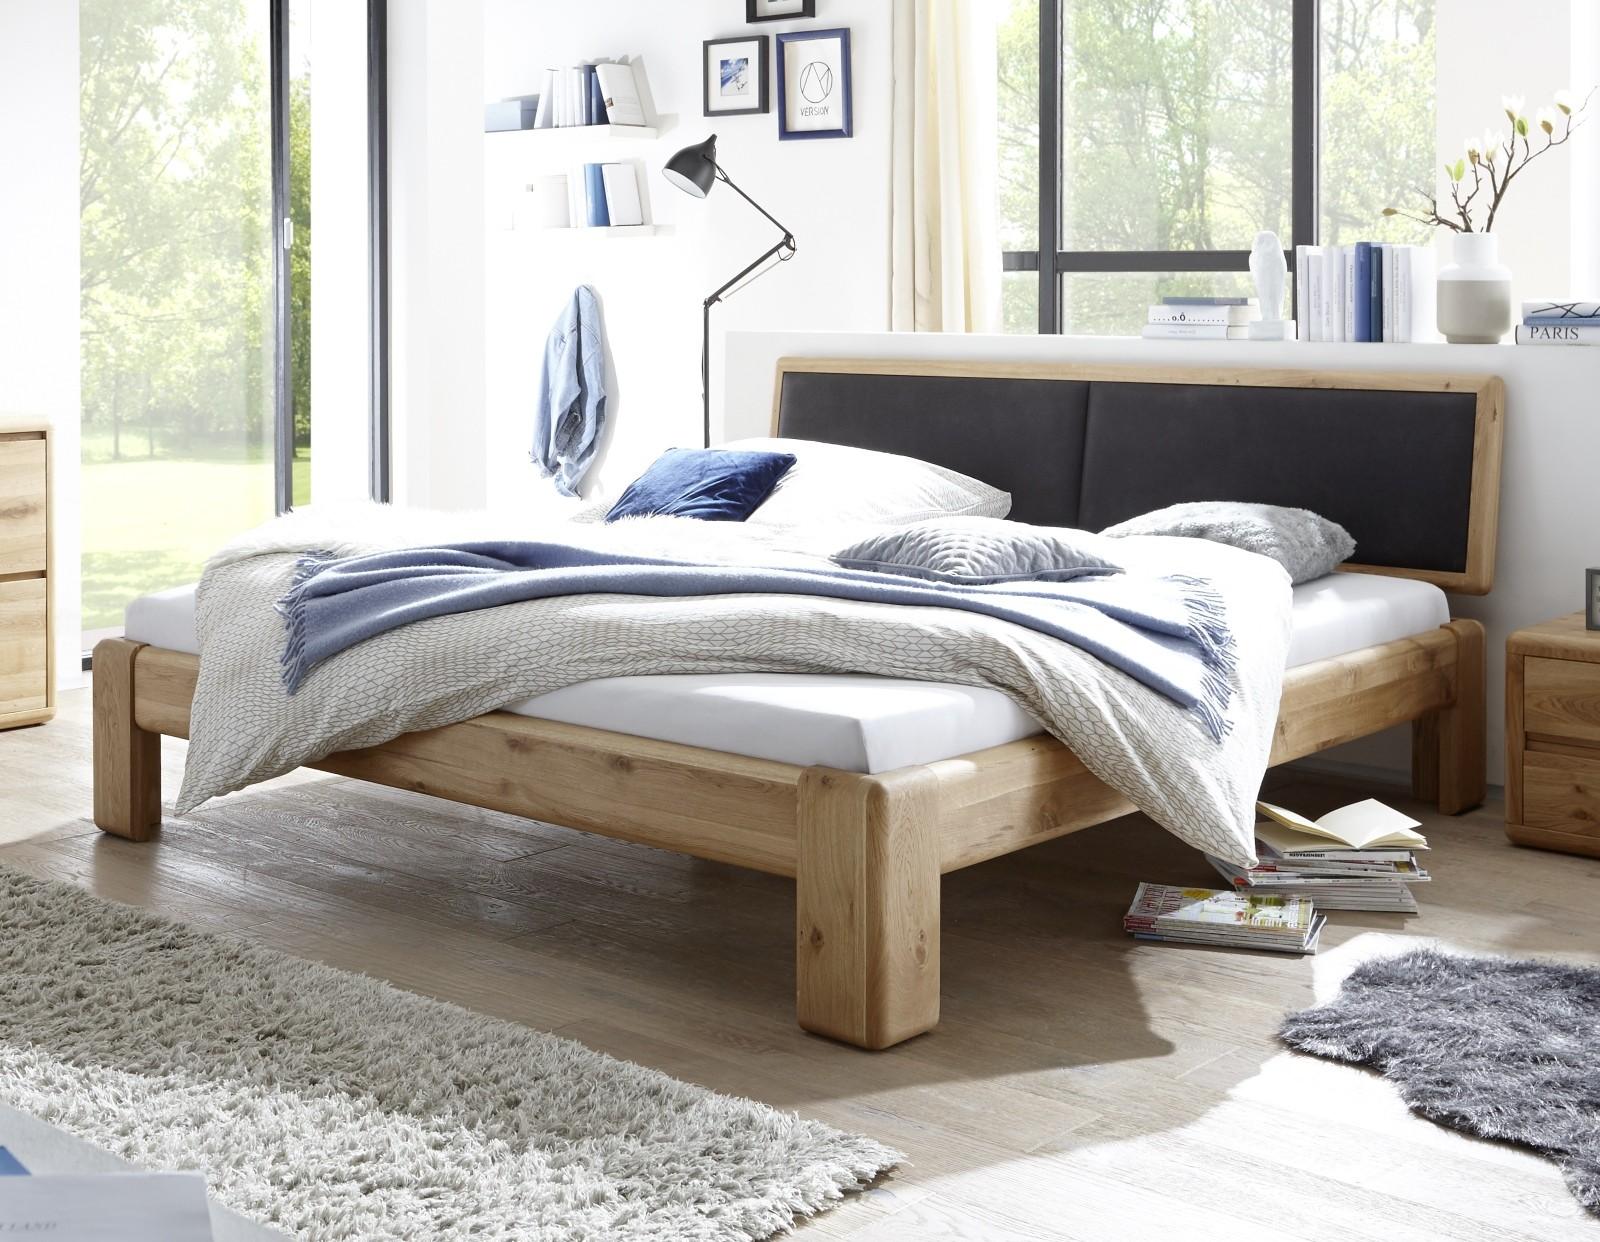 Full Size of Japanische Betten Trends München Boxspring De überlänge Für übergewichtige Wohnwert 200x220 Französische Berlin Ikea 160x200 Dico Ohne Kopfteil Hohe Mit Bett Betten überlänge